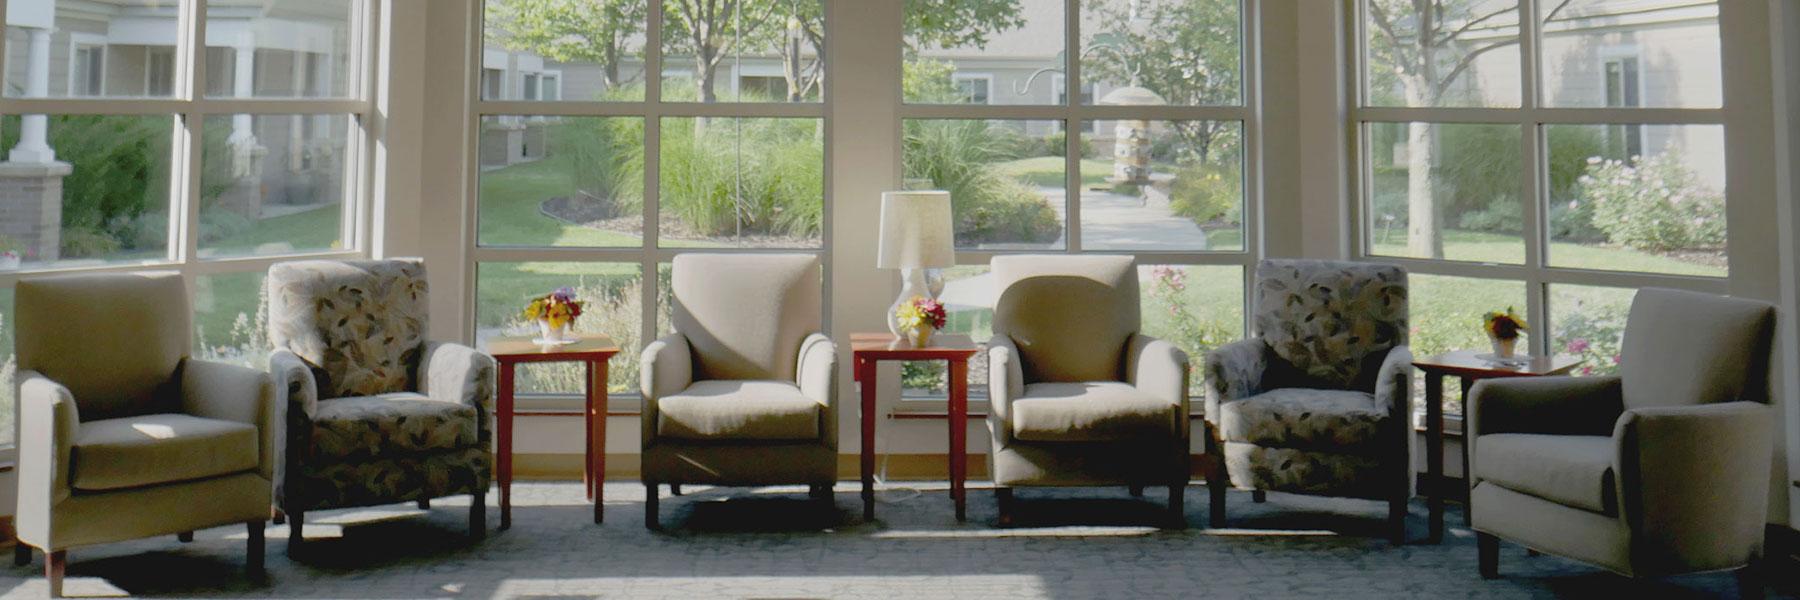 Immanuel USA Aged Care Facility